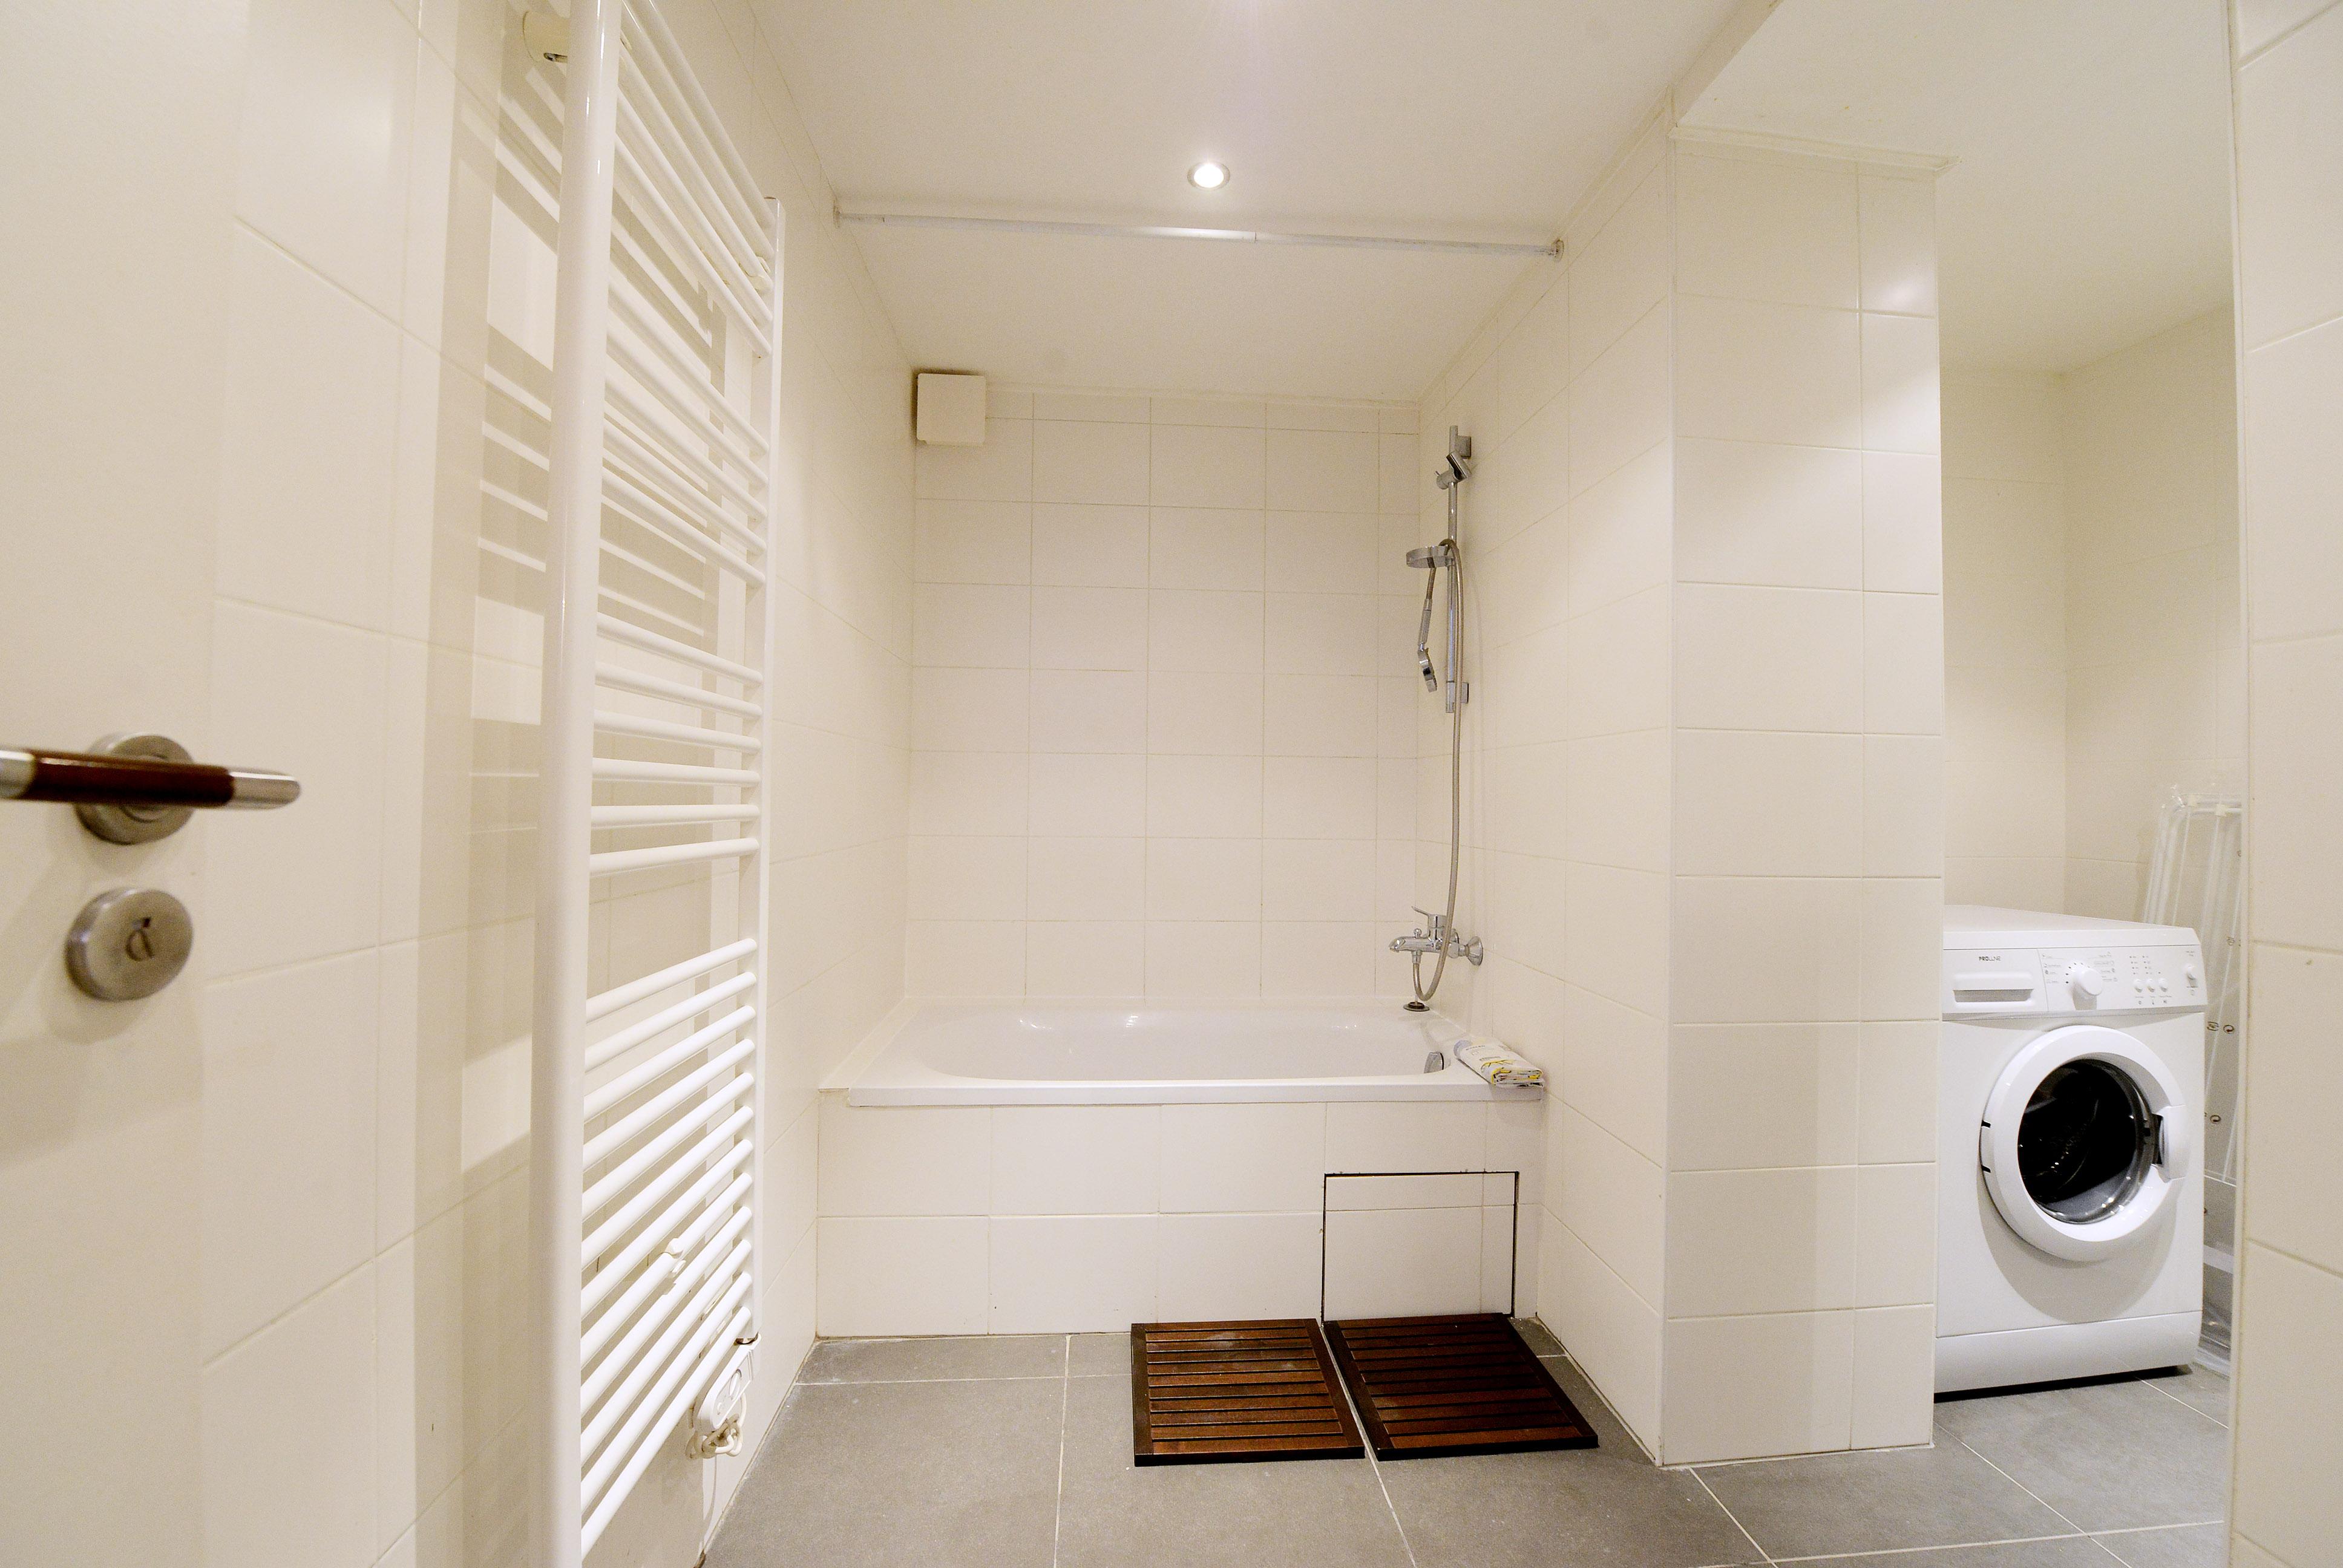 Стиральная машина в ванной комнате с перегородкой